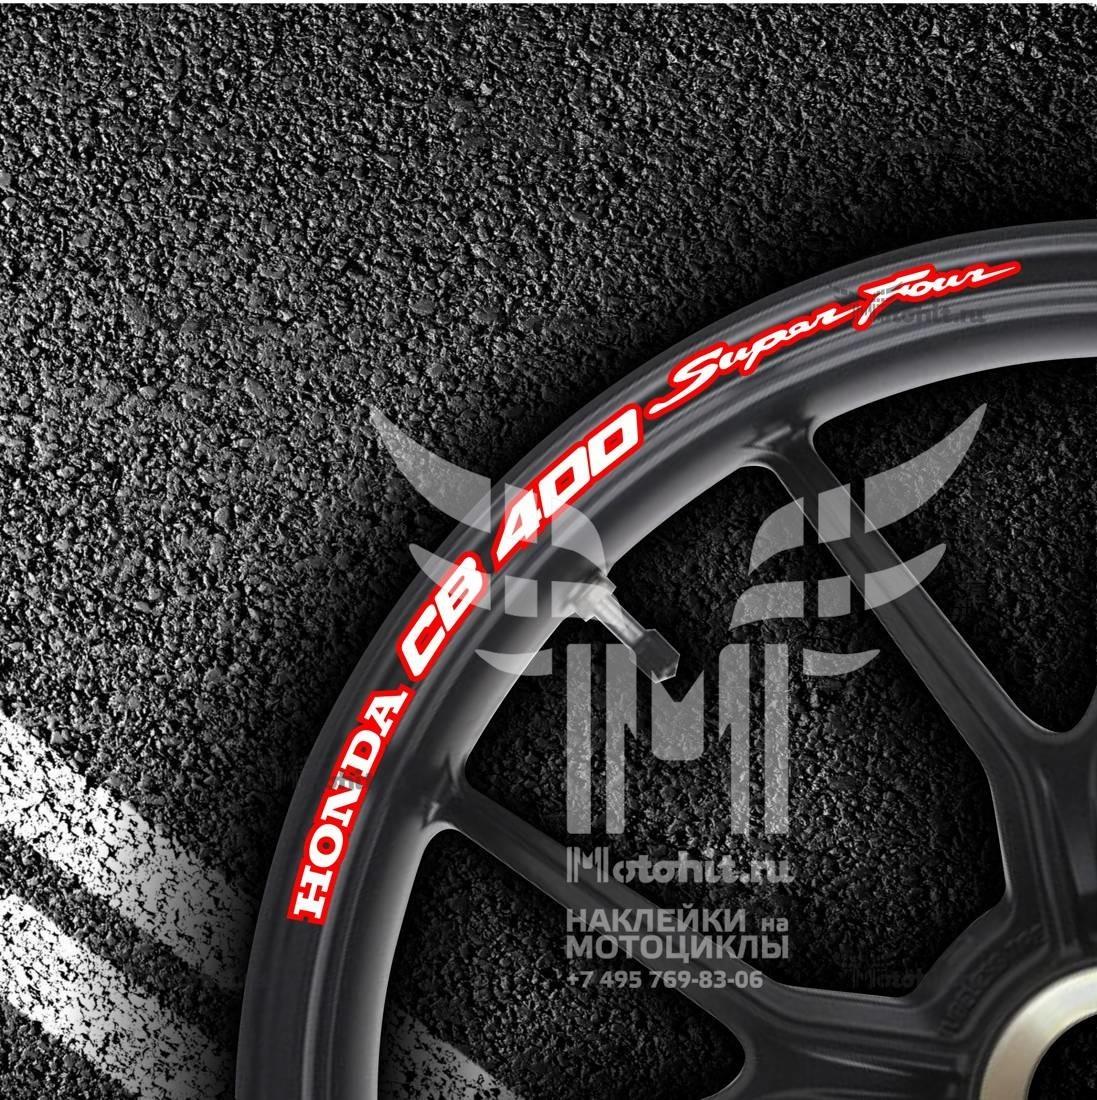 Комплект наклеек на обод колеса мотоцикла HONDA CB-400